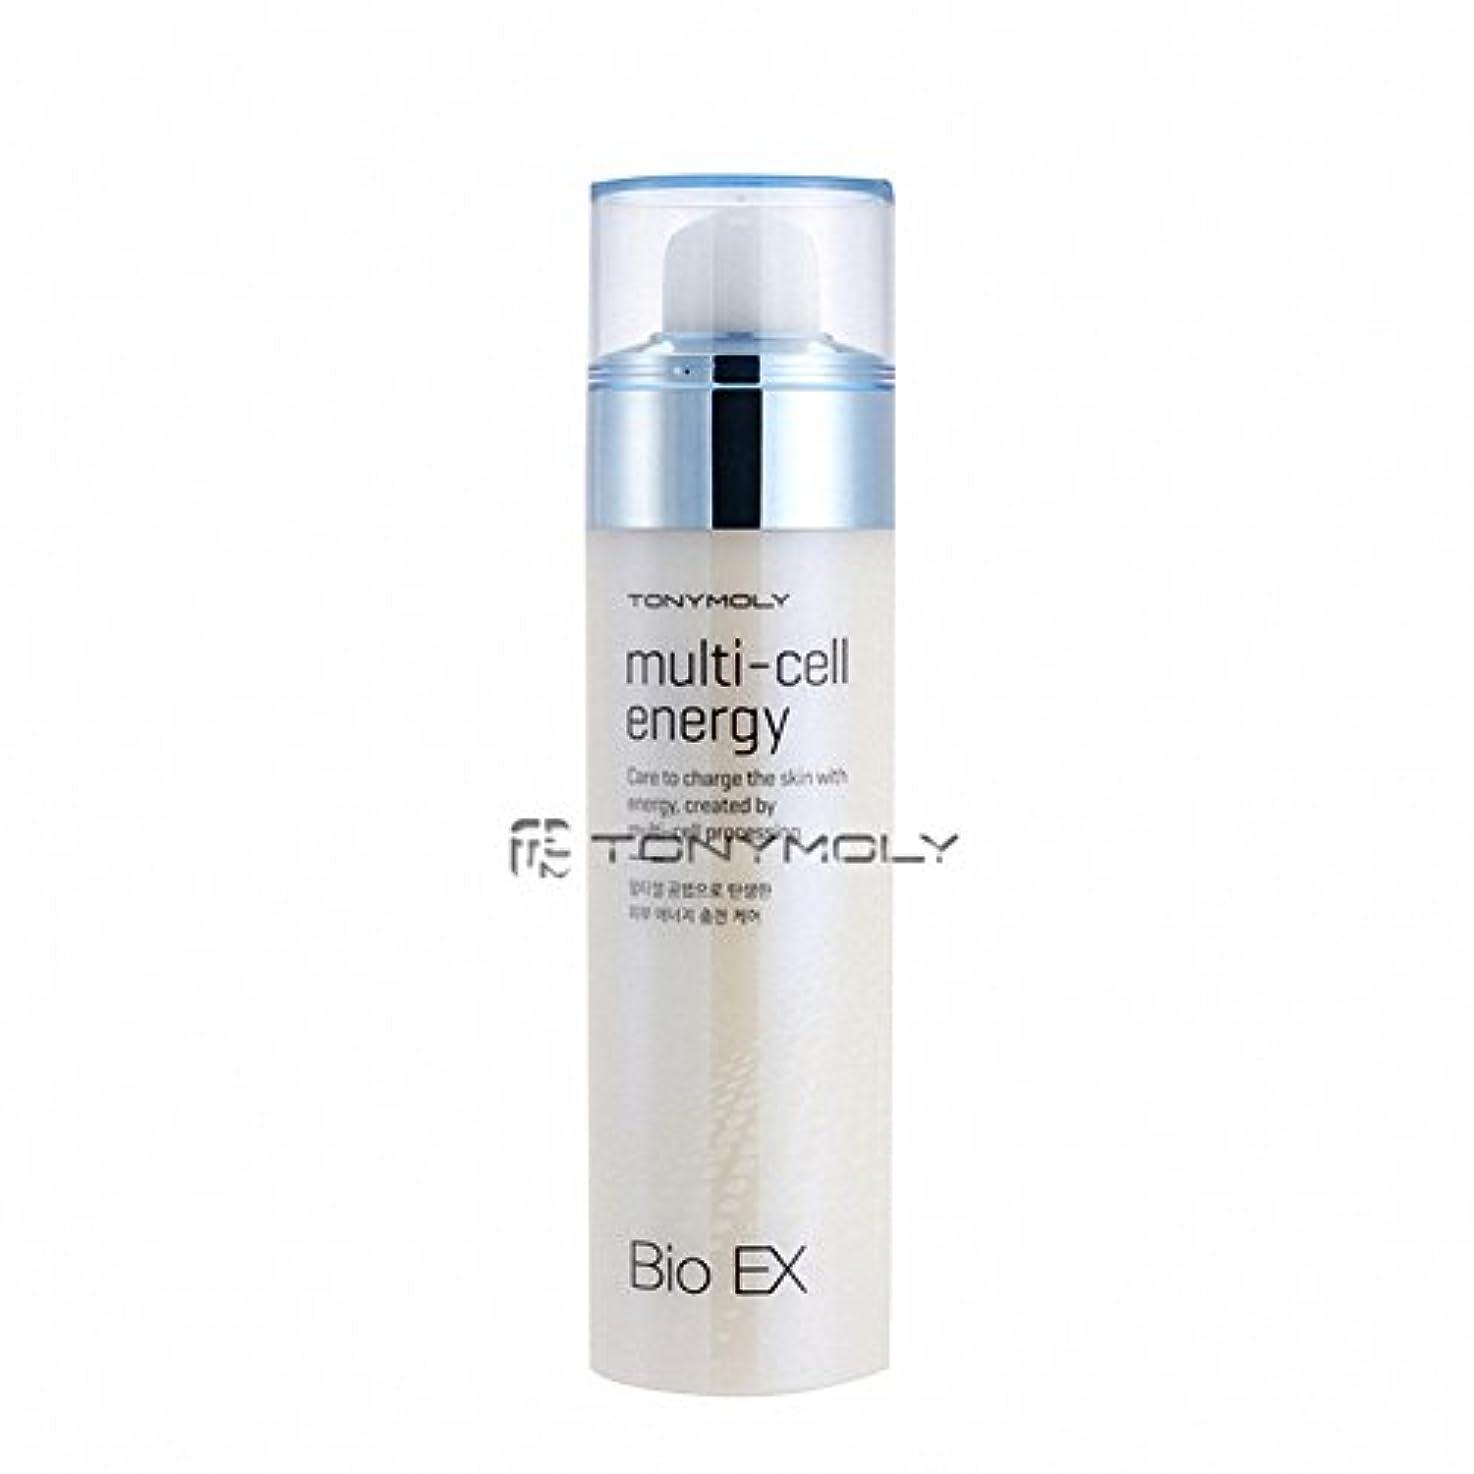 トニーモリー TONYMOLY Bio EX Multi-Cell Energy 120ml トニーモリー バイオEXマルチセルエネルギー 韓國直送 [並行輸入品]